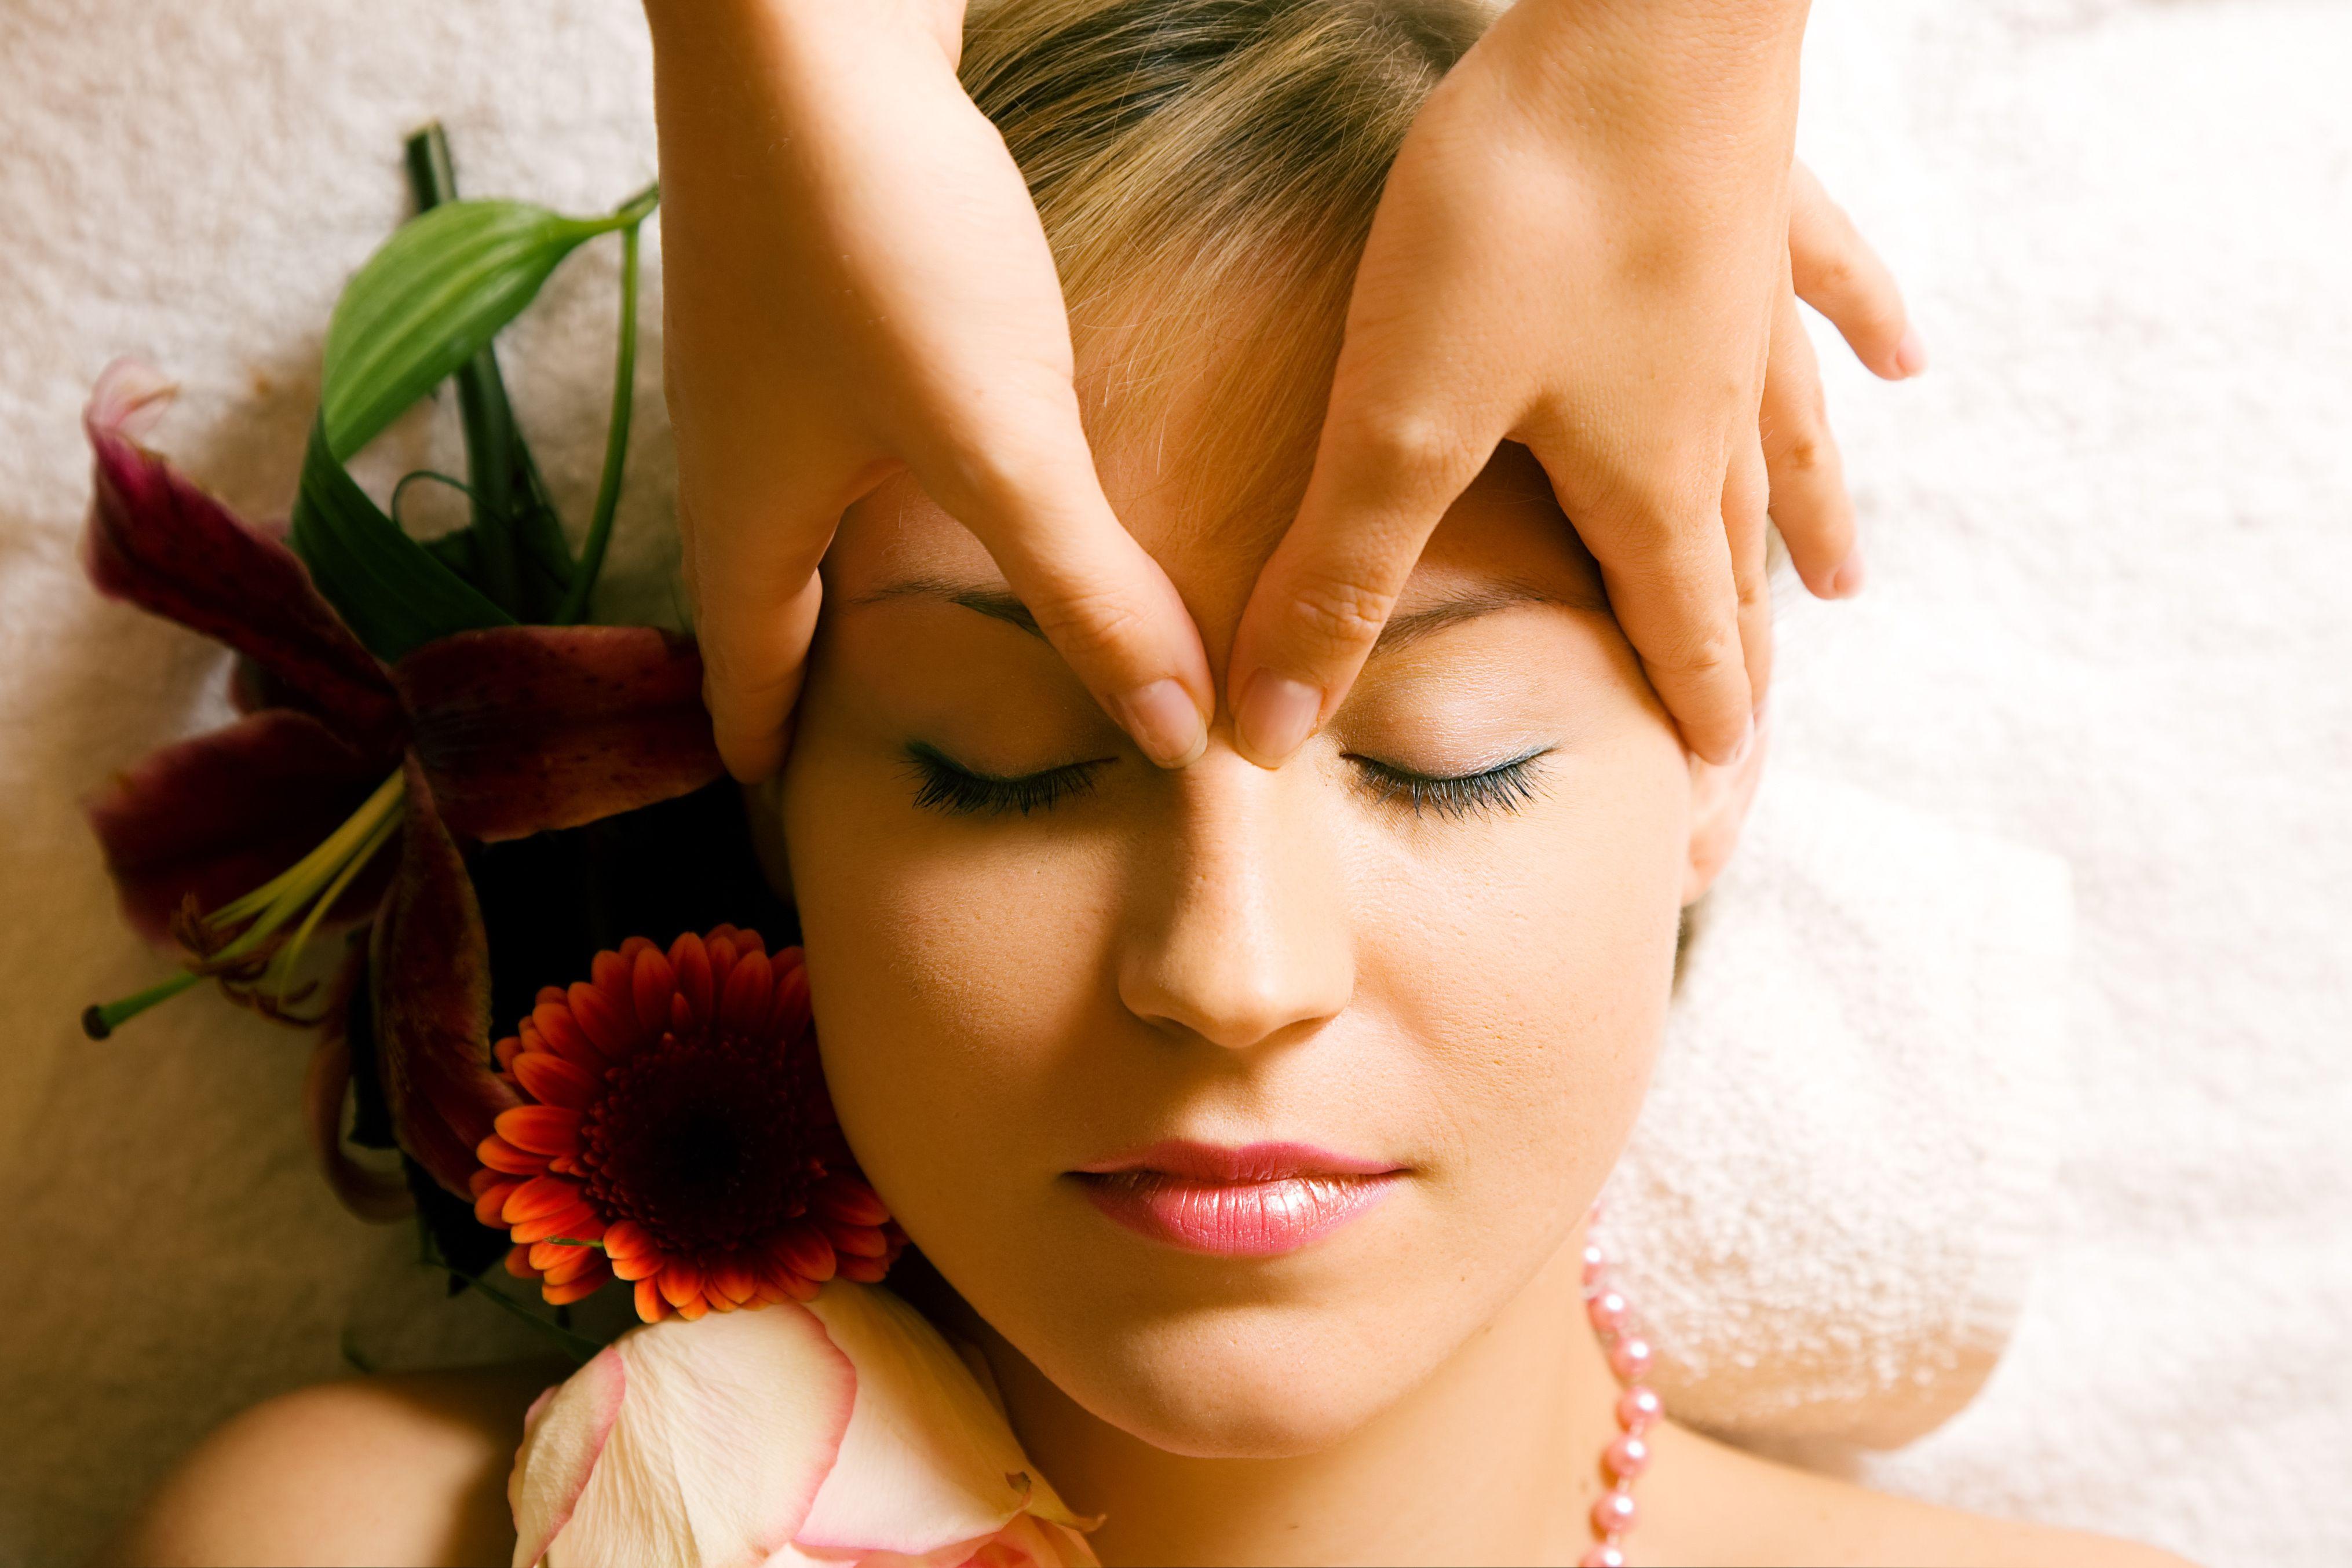 Beauty Im Trihotel Am Schweizer Wald Massage Therapy Shiatsu Massage Ayurvedic Massage